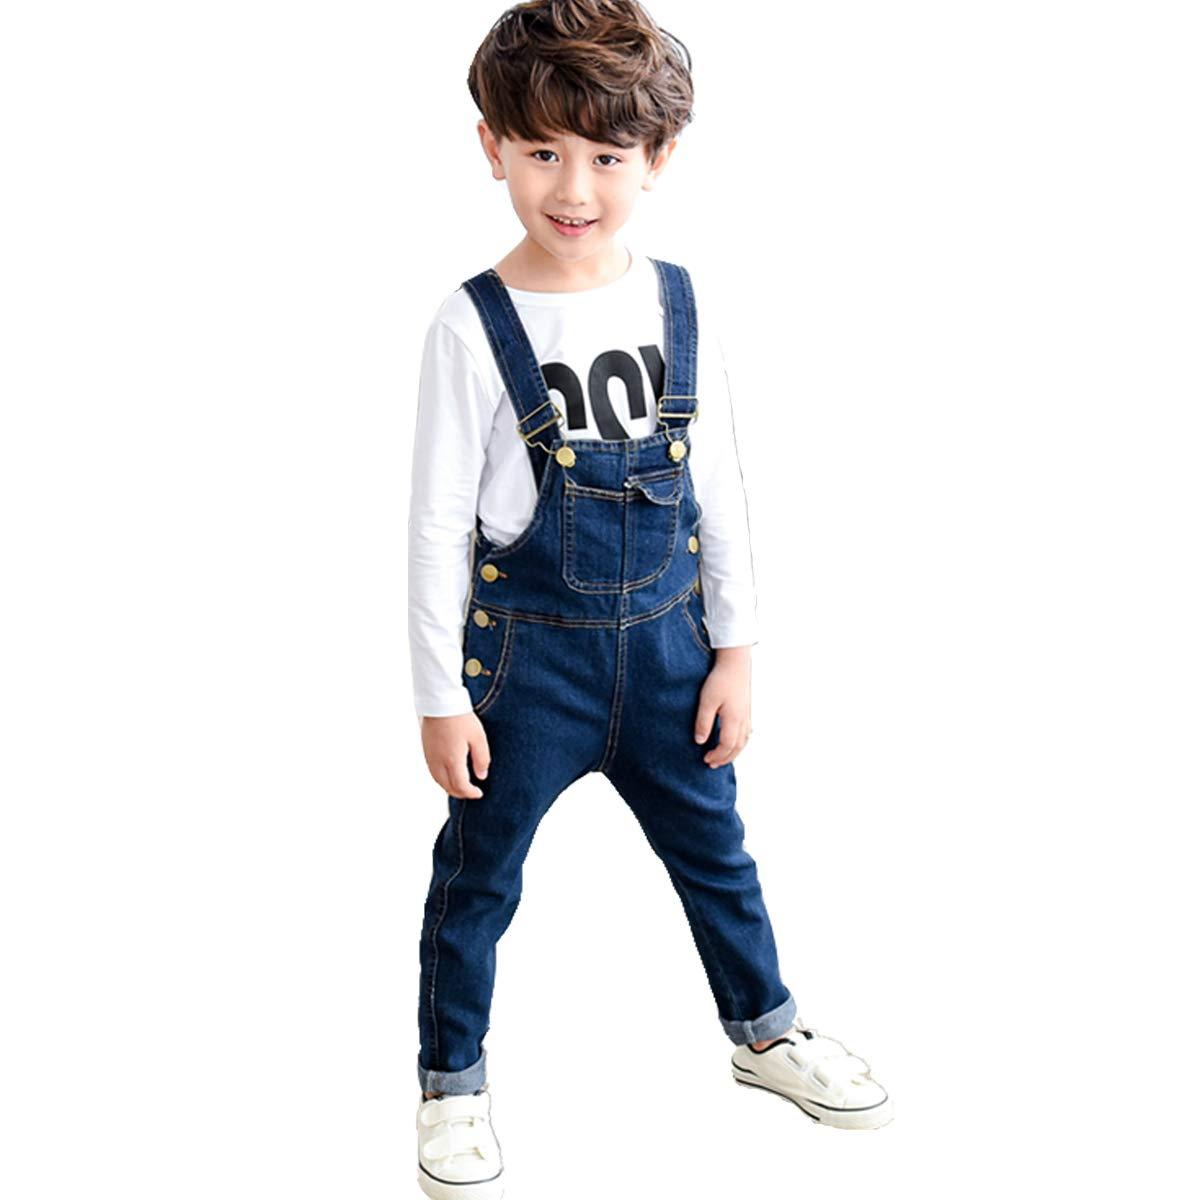 OnlyAngel Boys' Suspender Jeans Adjustable Straps Cotton Denim Overalls Age 4-13 (7-8 Years, Blue)